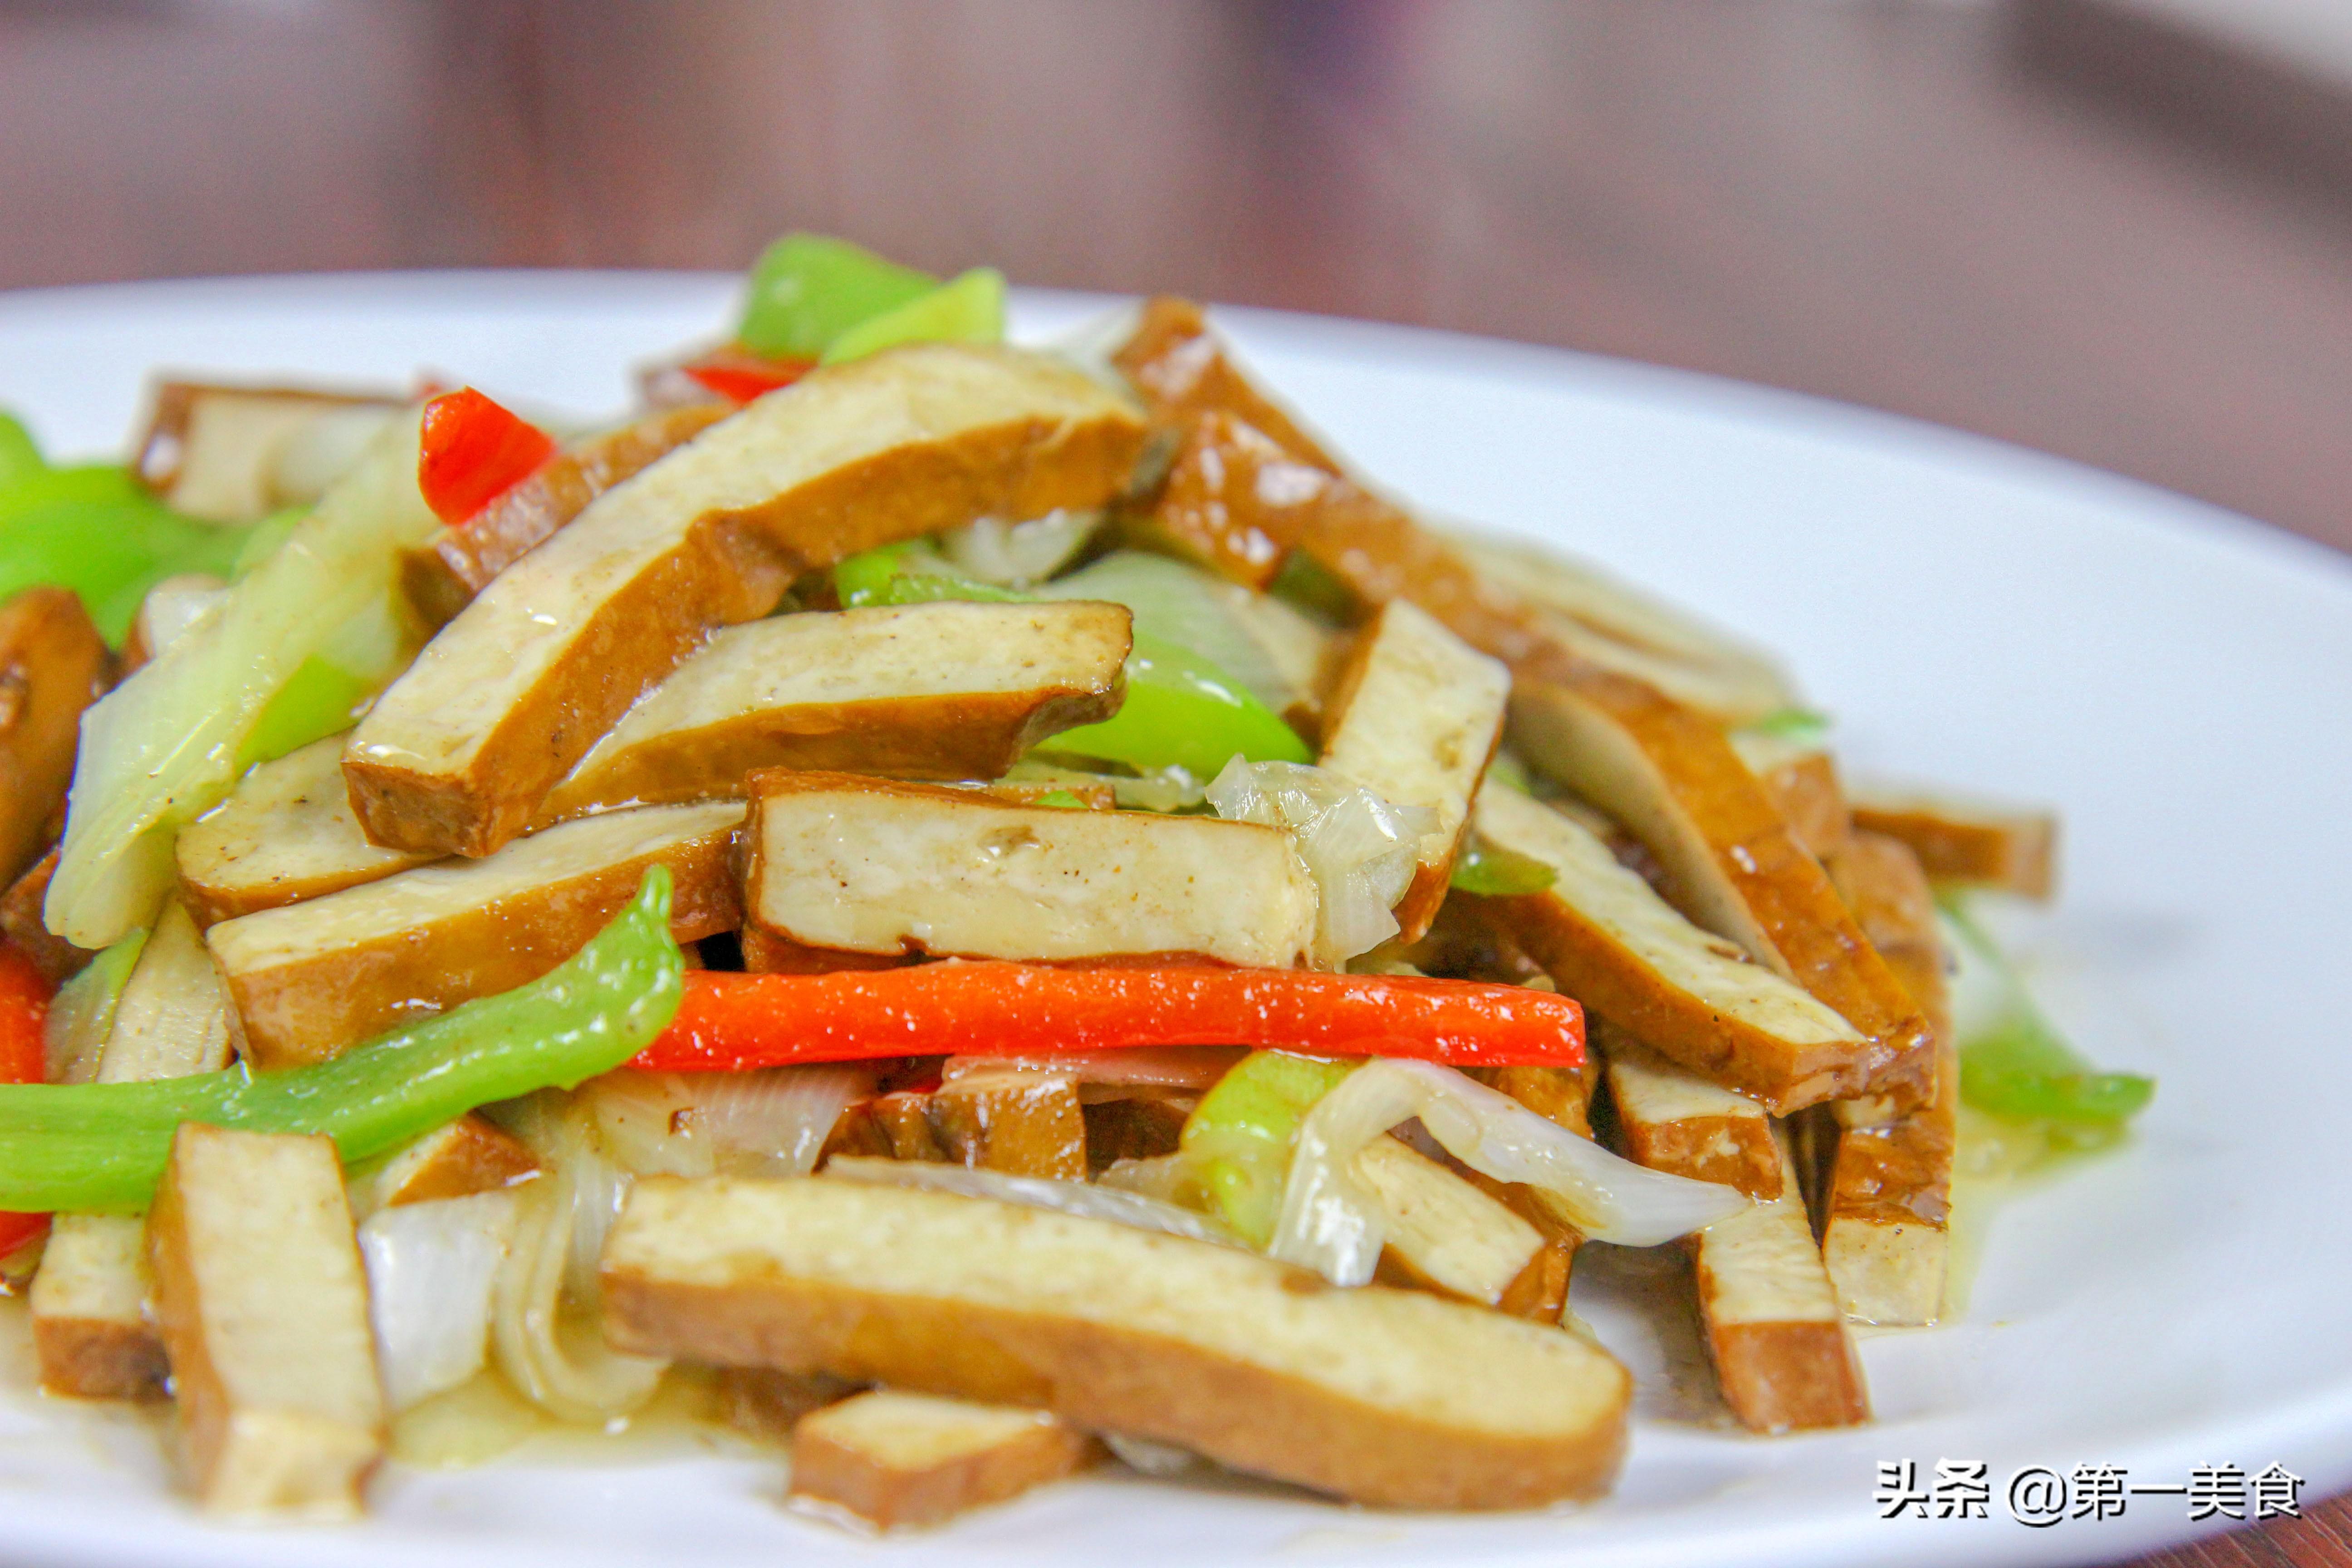 家常小菜大葱爆香干做法 葱香浓郁 香干入味 家人都说好吃